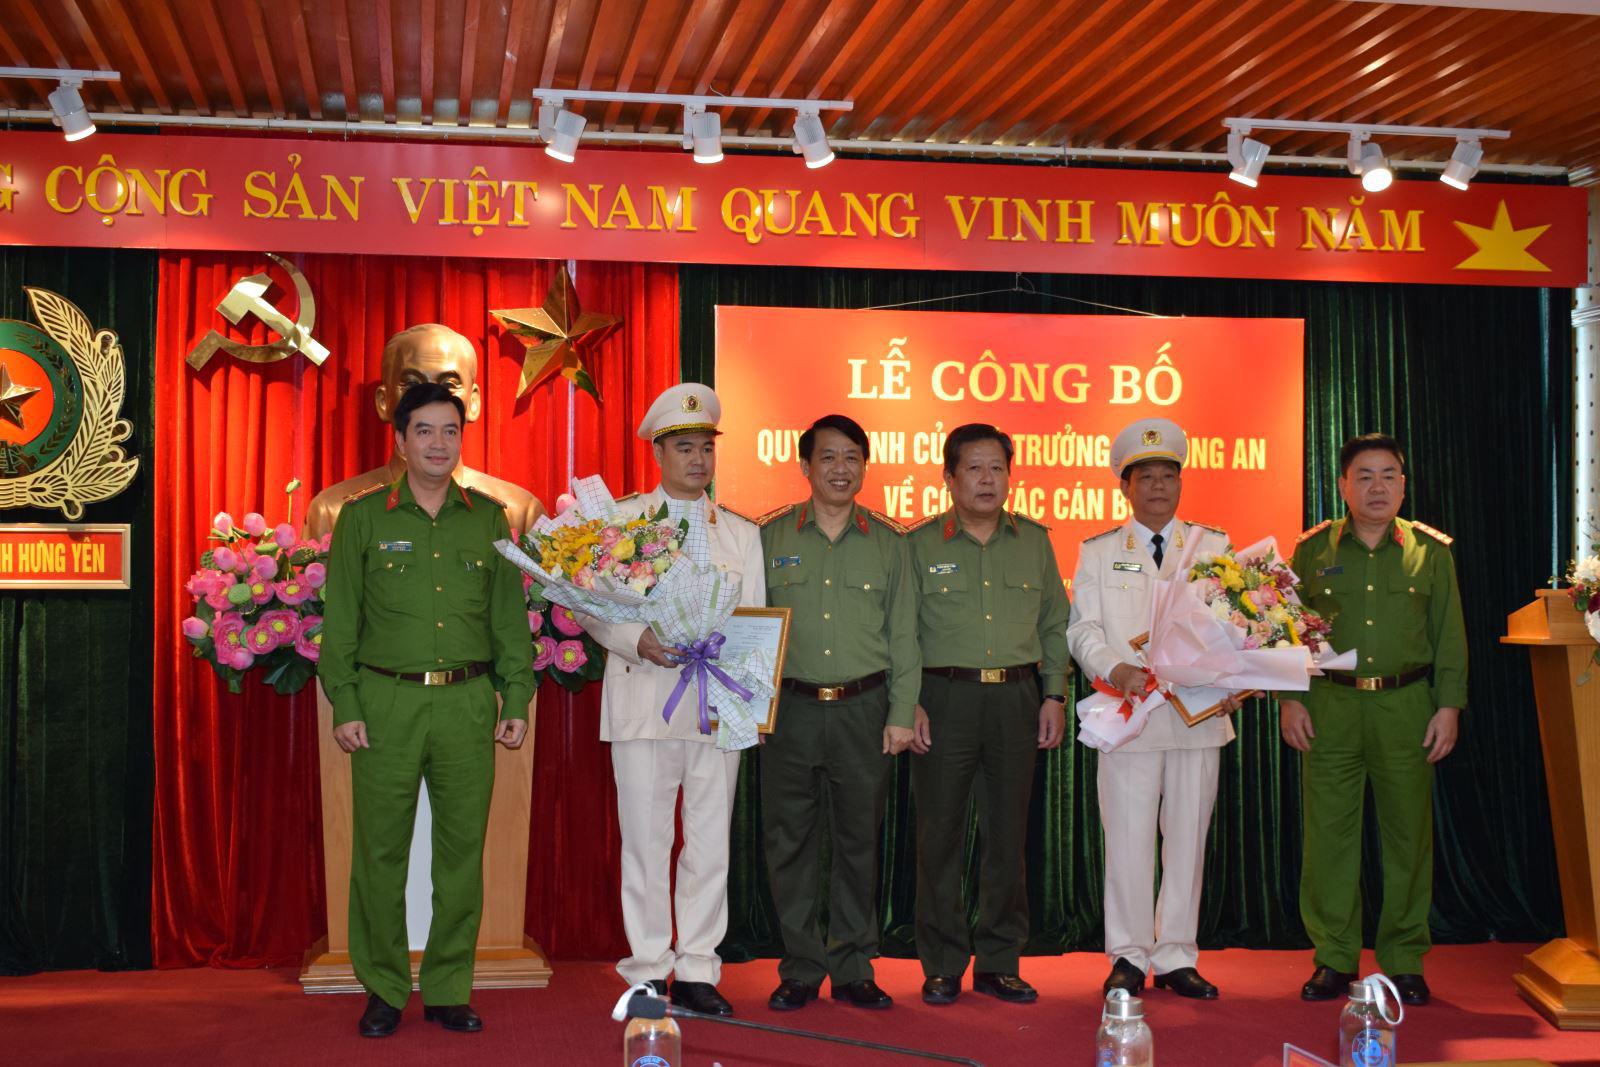 2 Phó Giám đốc Công an tỉnh Hưng Yên vừa được bổ nhiệm là ai? - Ảnh 1.